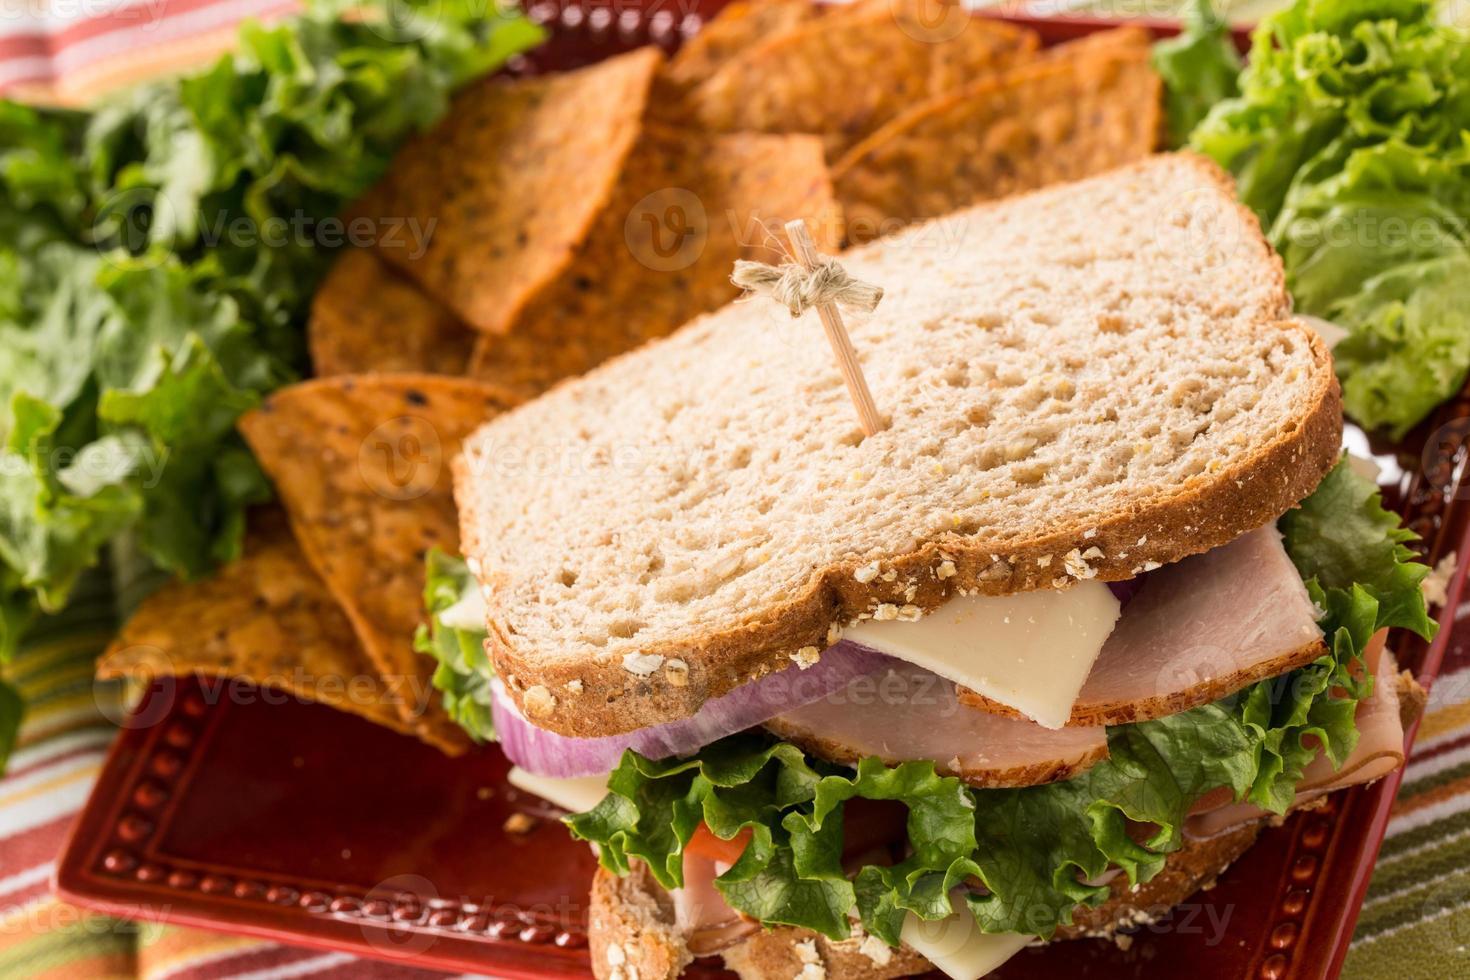 delizioso pranzo sano panino prosciutto di tacchino e lattuga foto